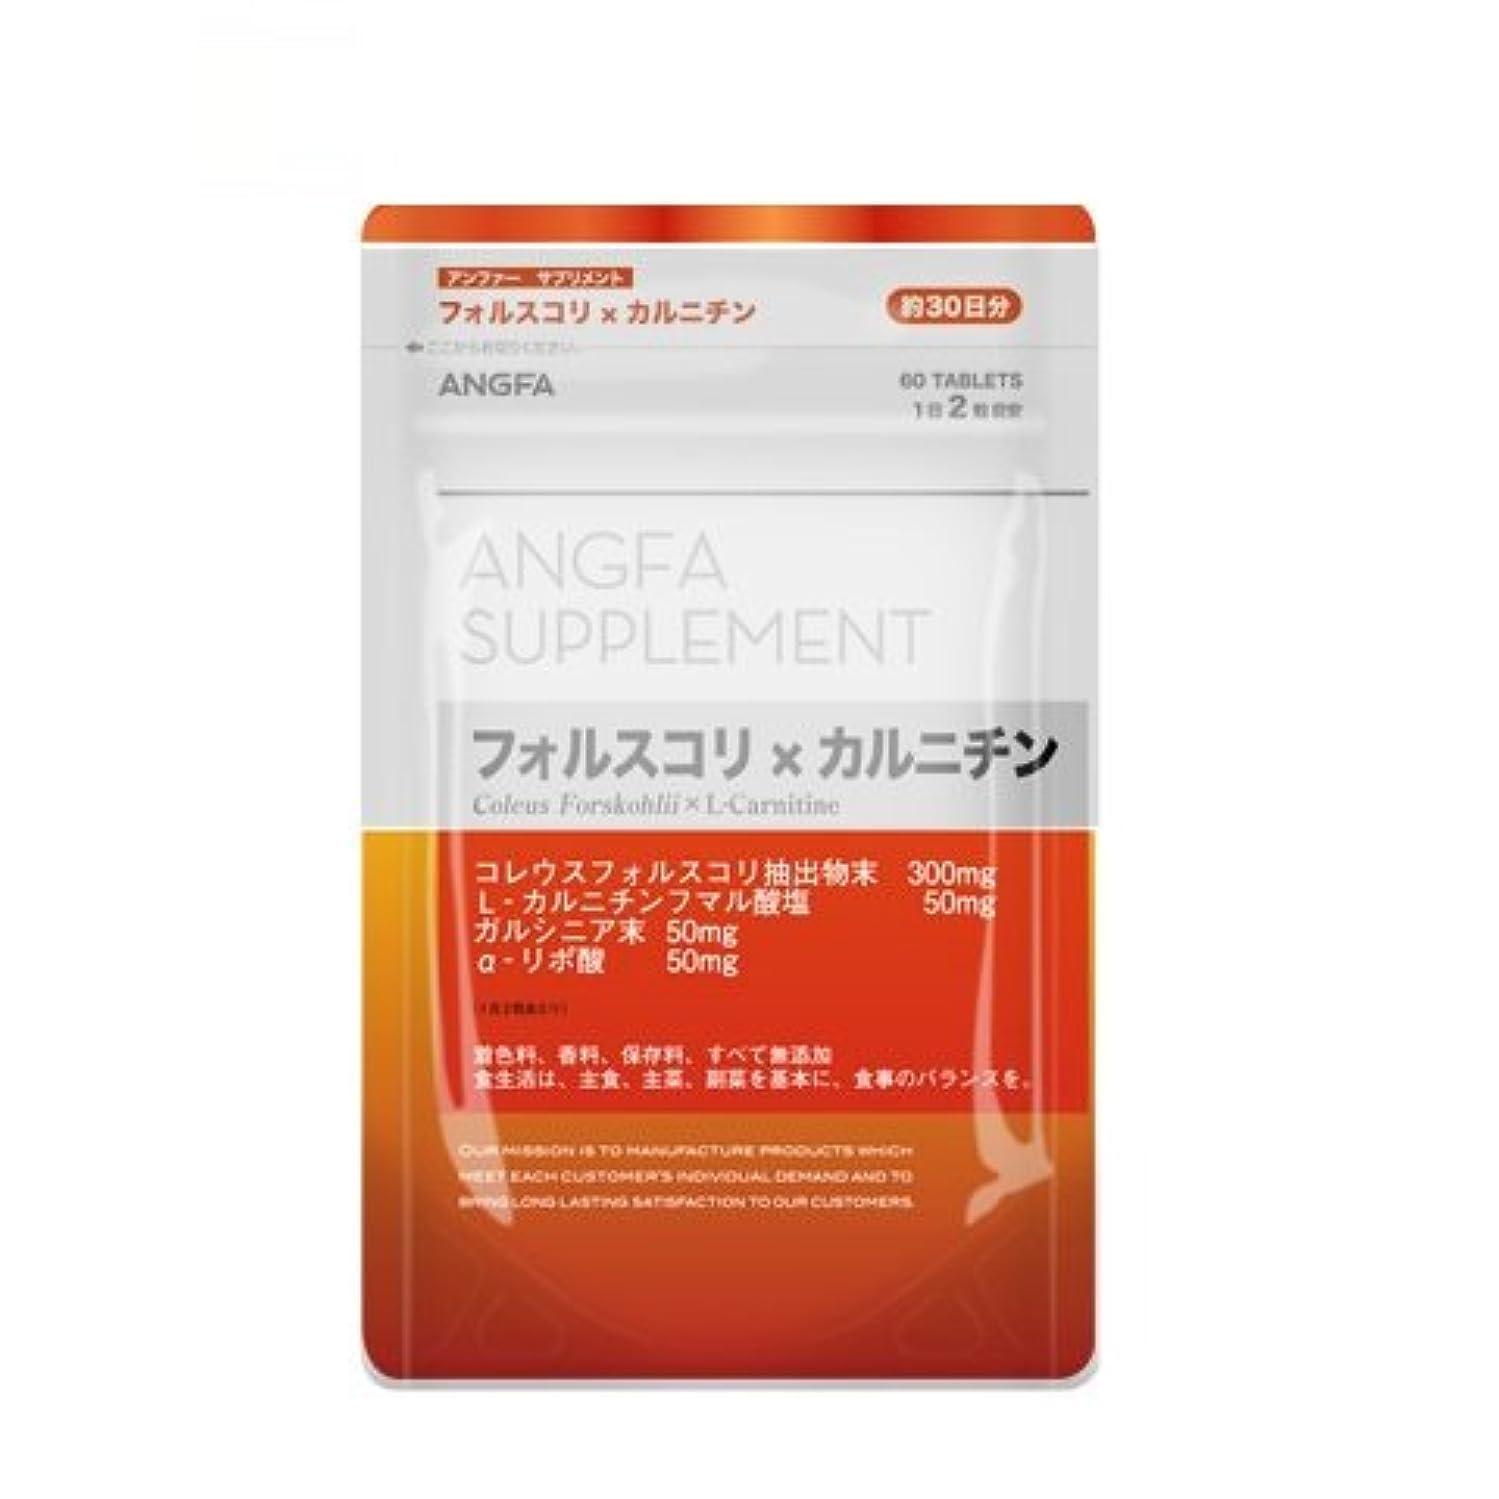 せっかち振り向く強制的アンファー (ANGFA) サプリメント フォルスコリ×カルニチン 60粒